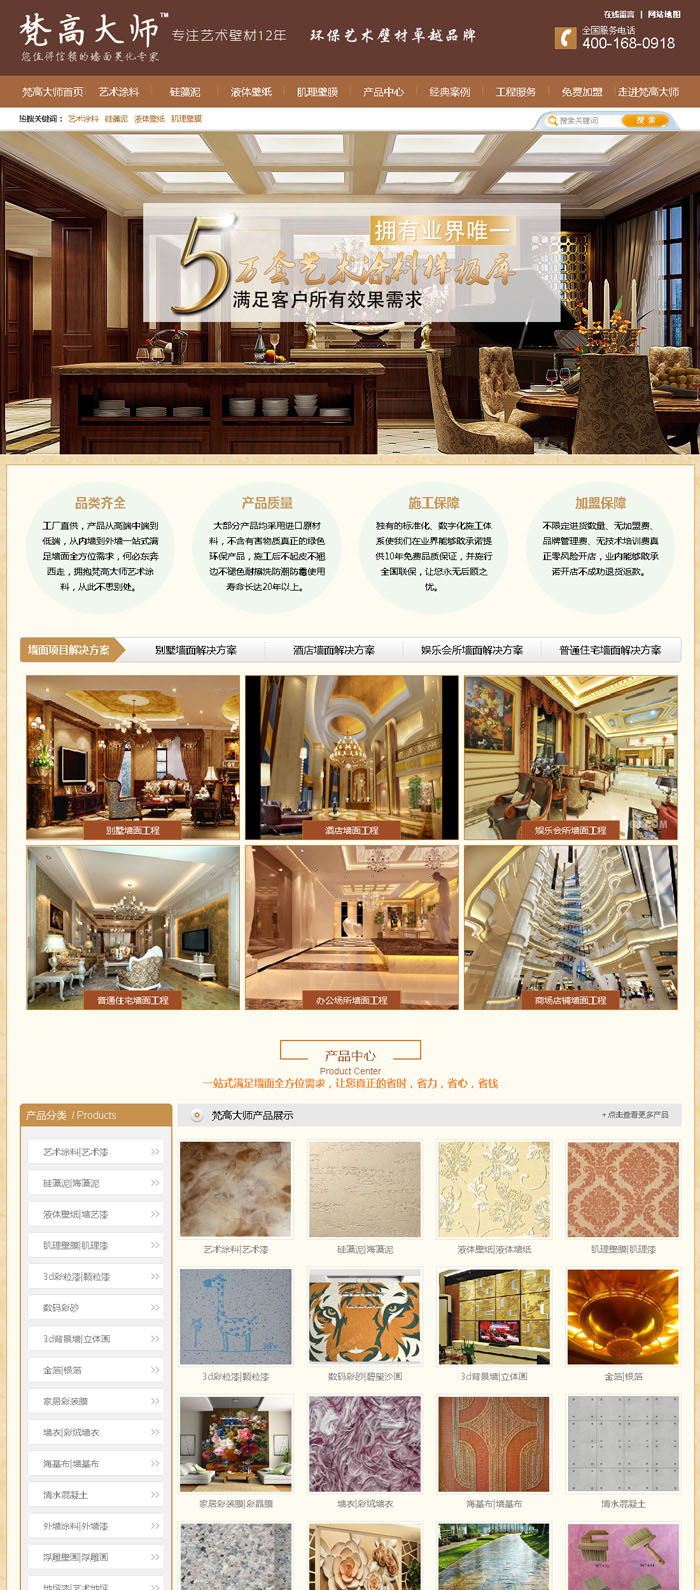 梵高大师-长沙做网站案例